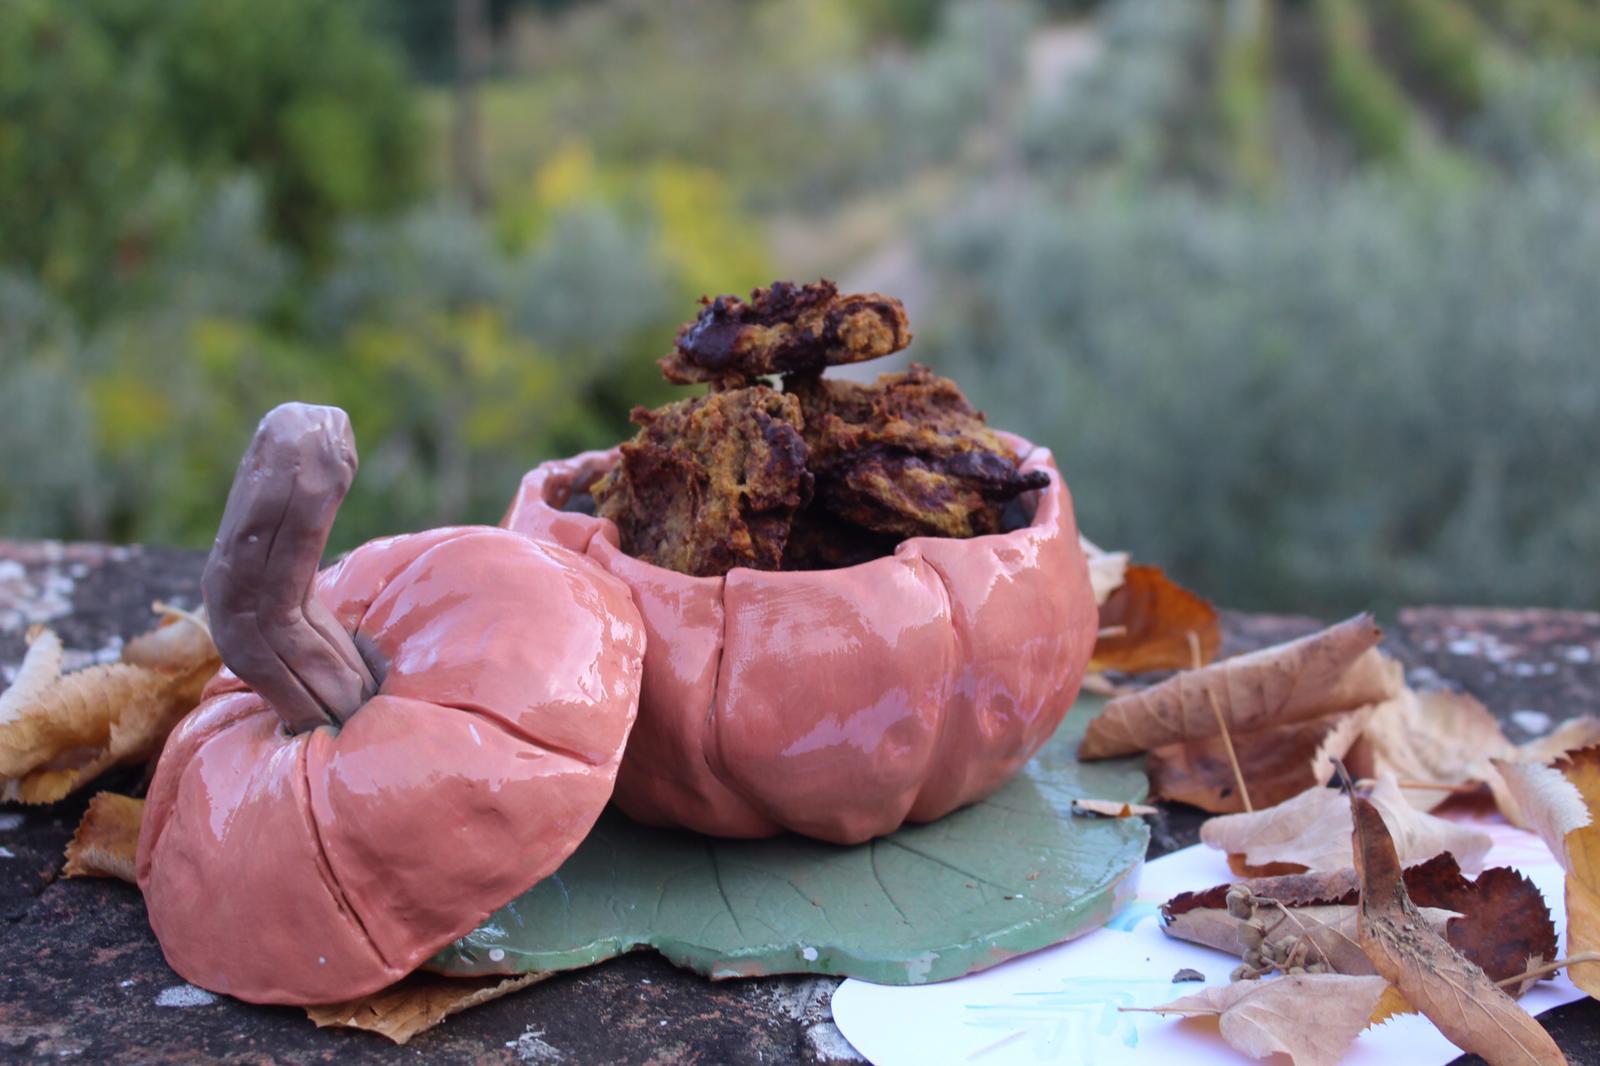 cucina naturale e crudista 12